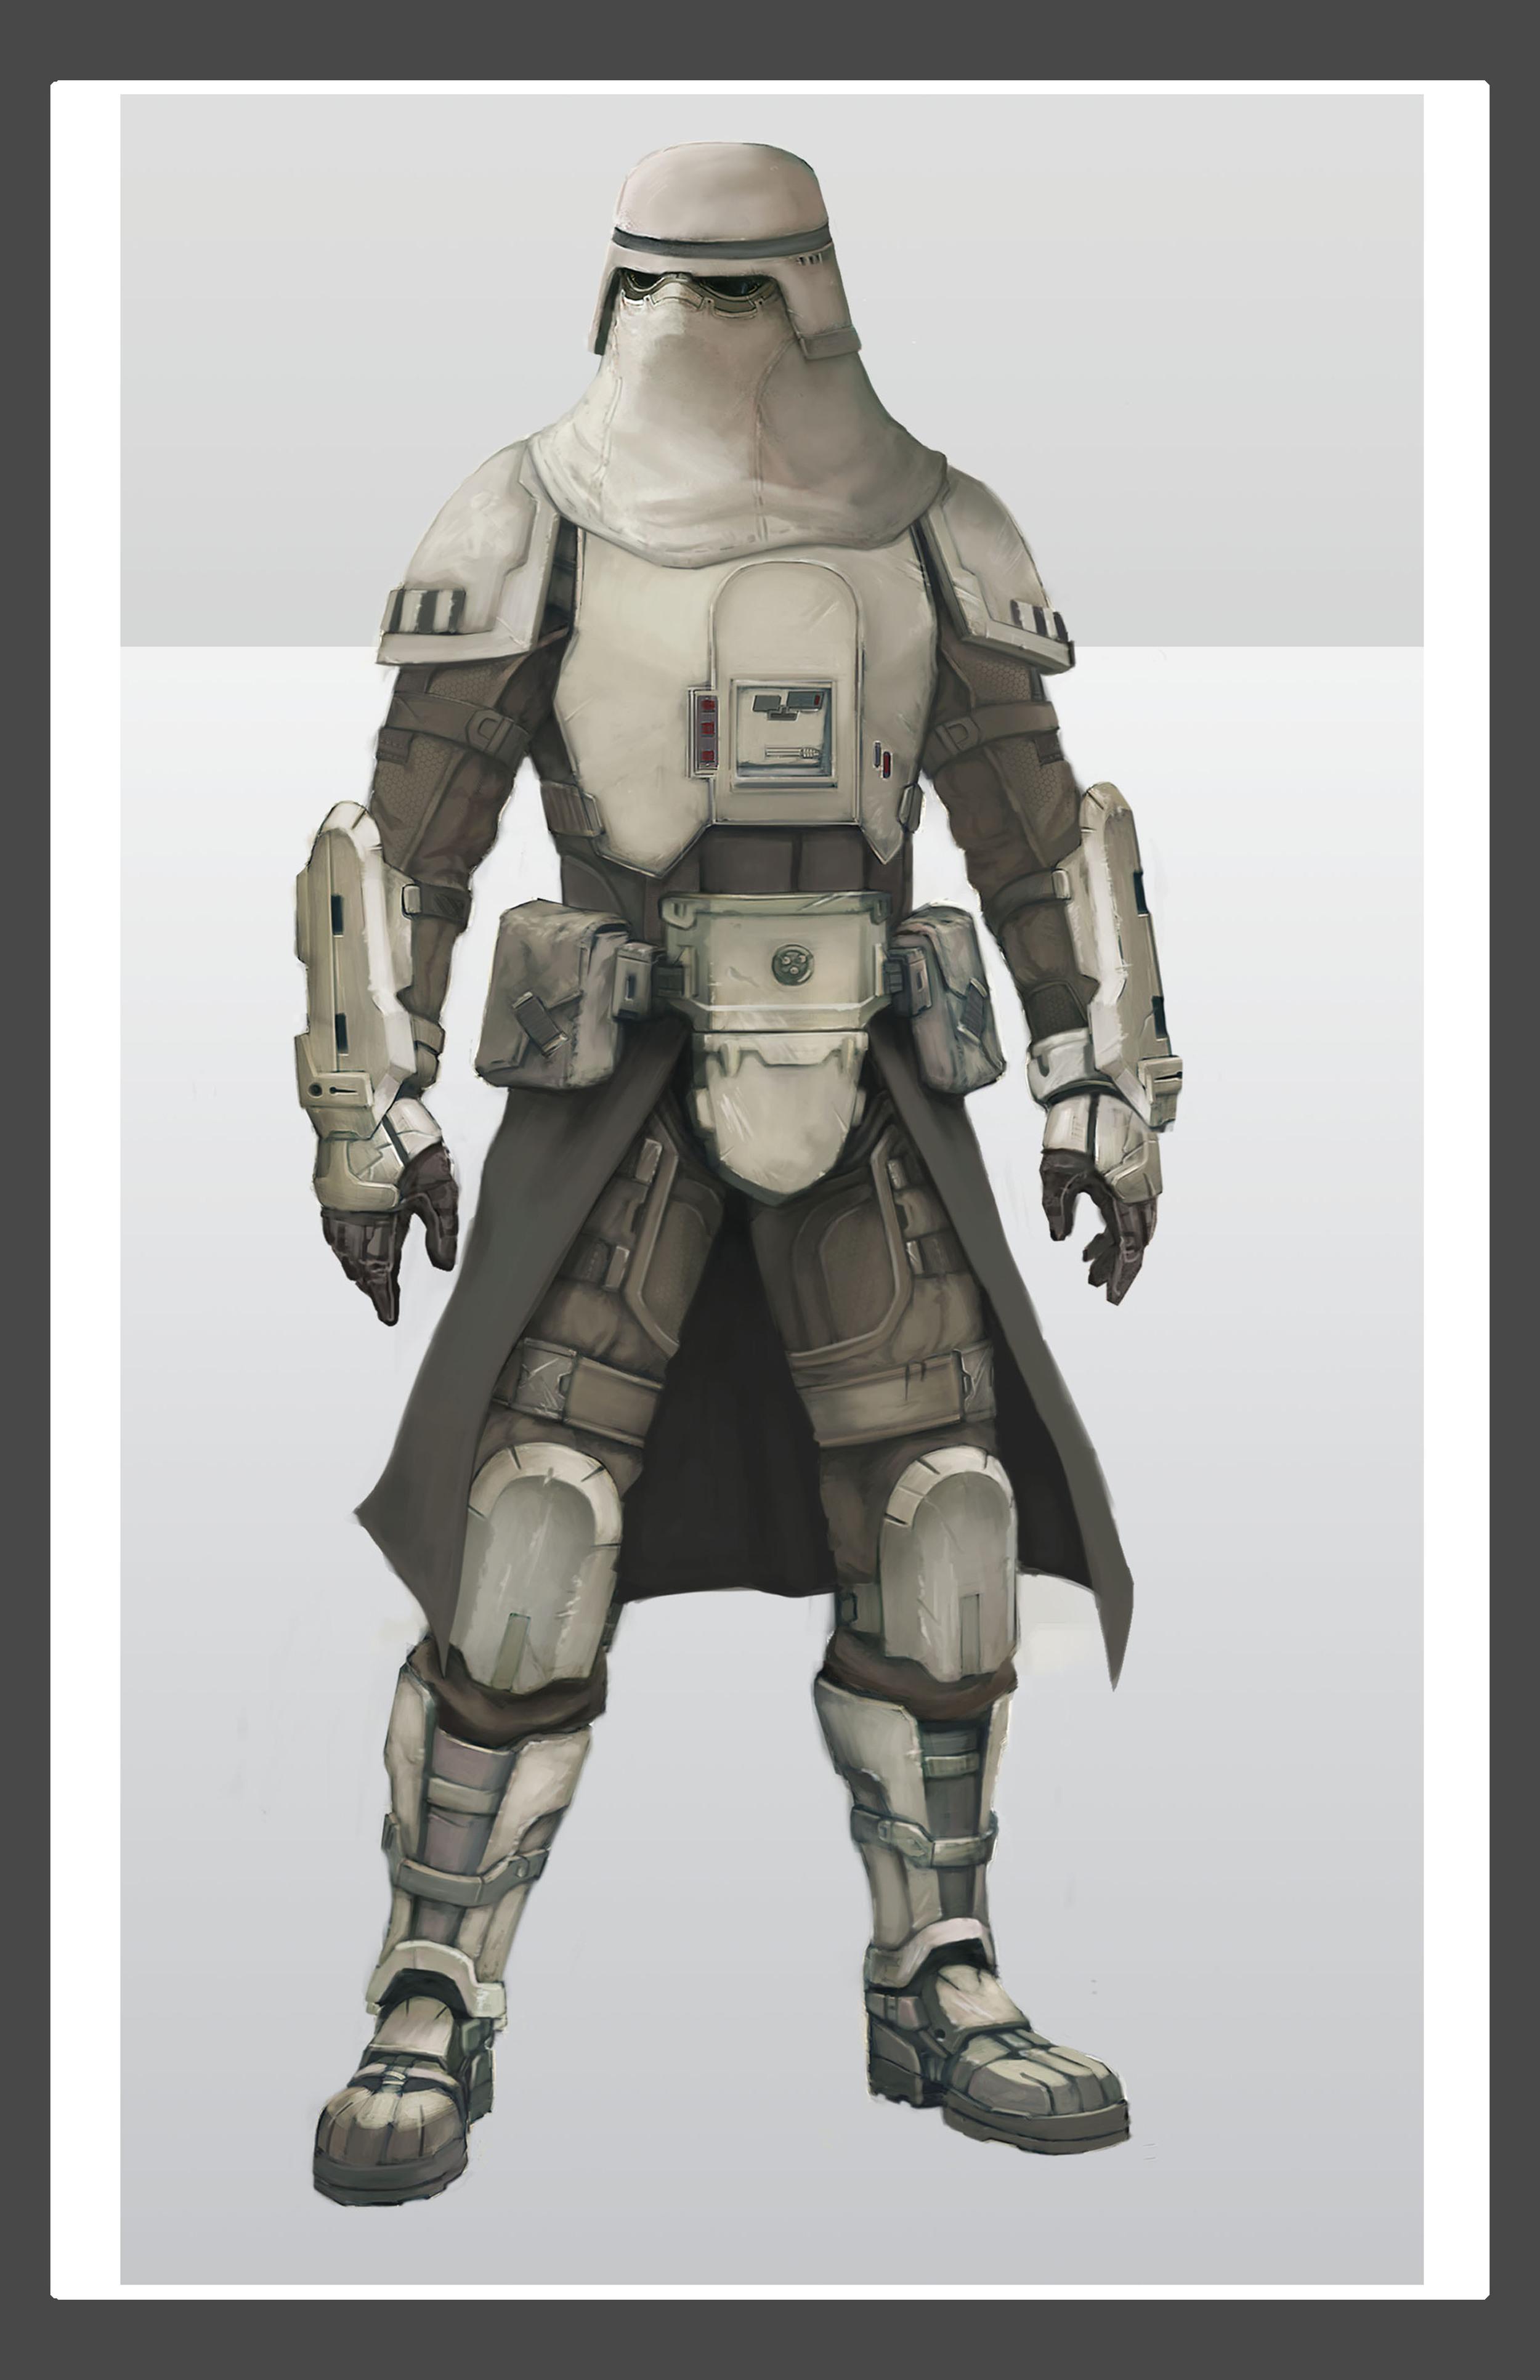 heavytrooper2.jpg